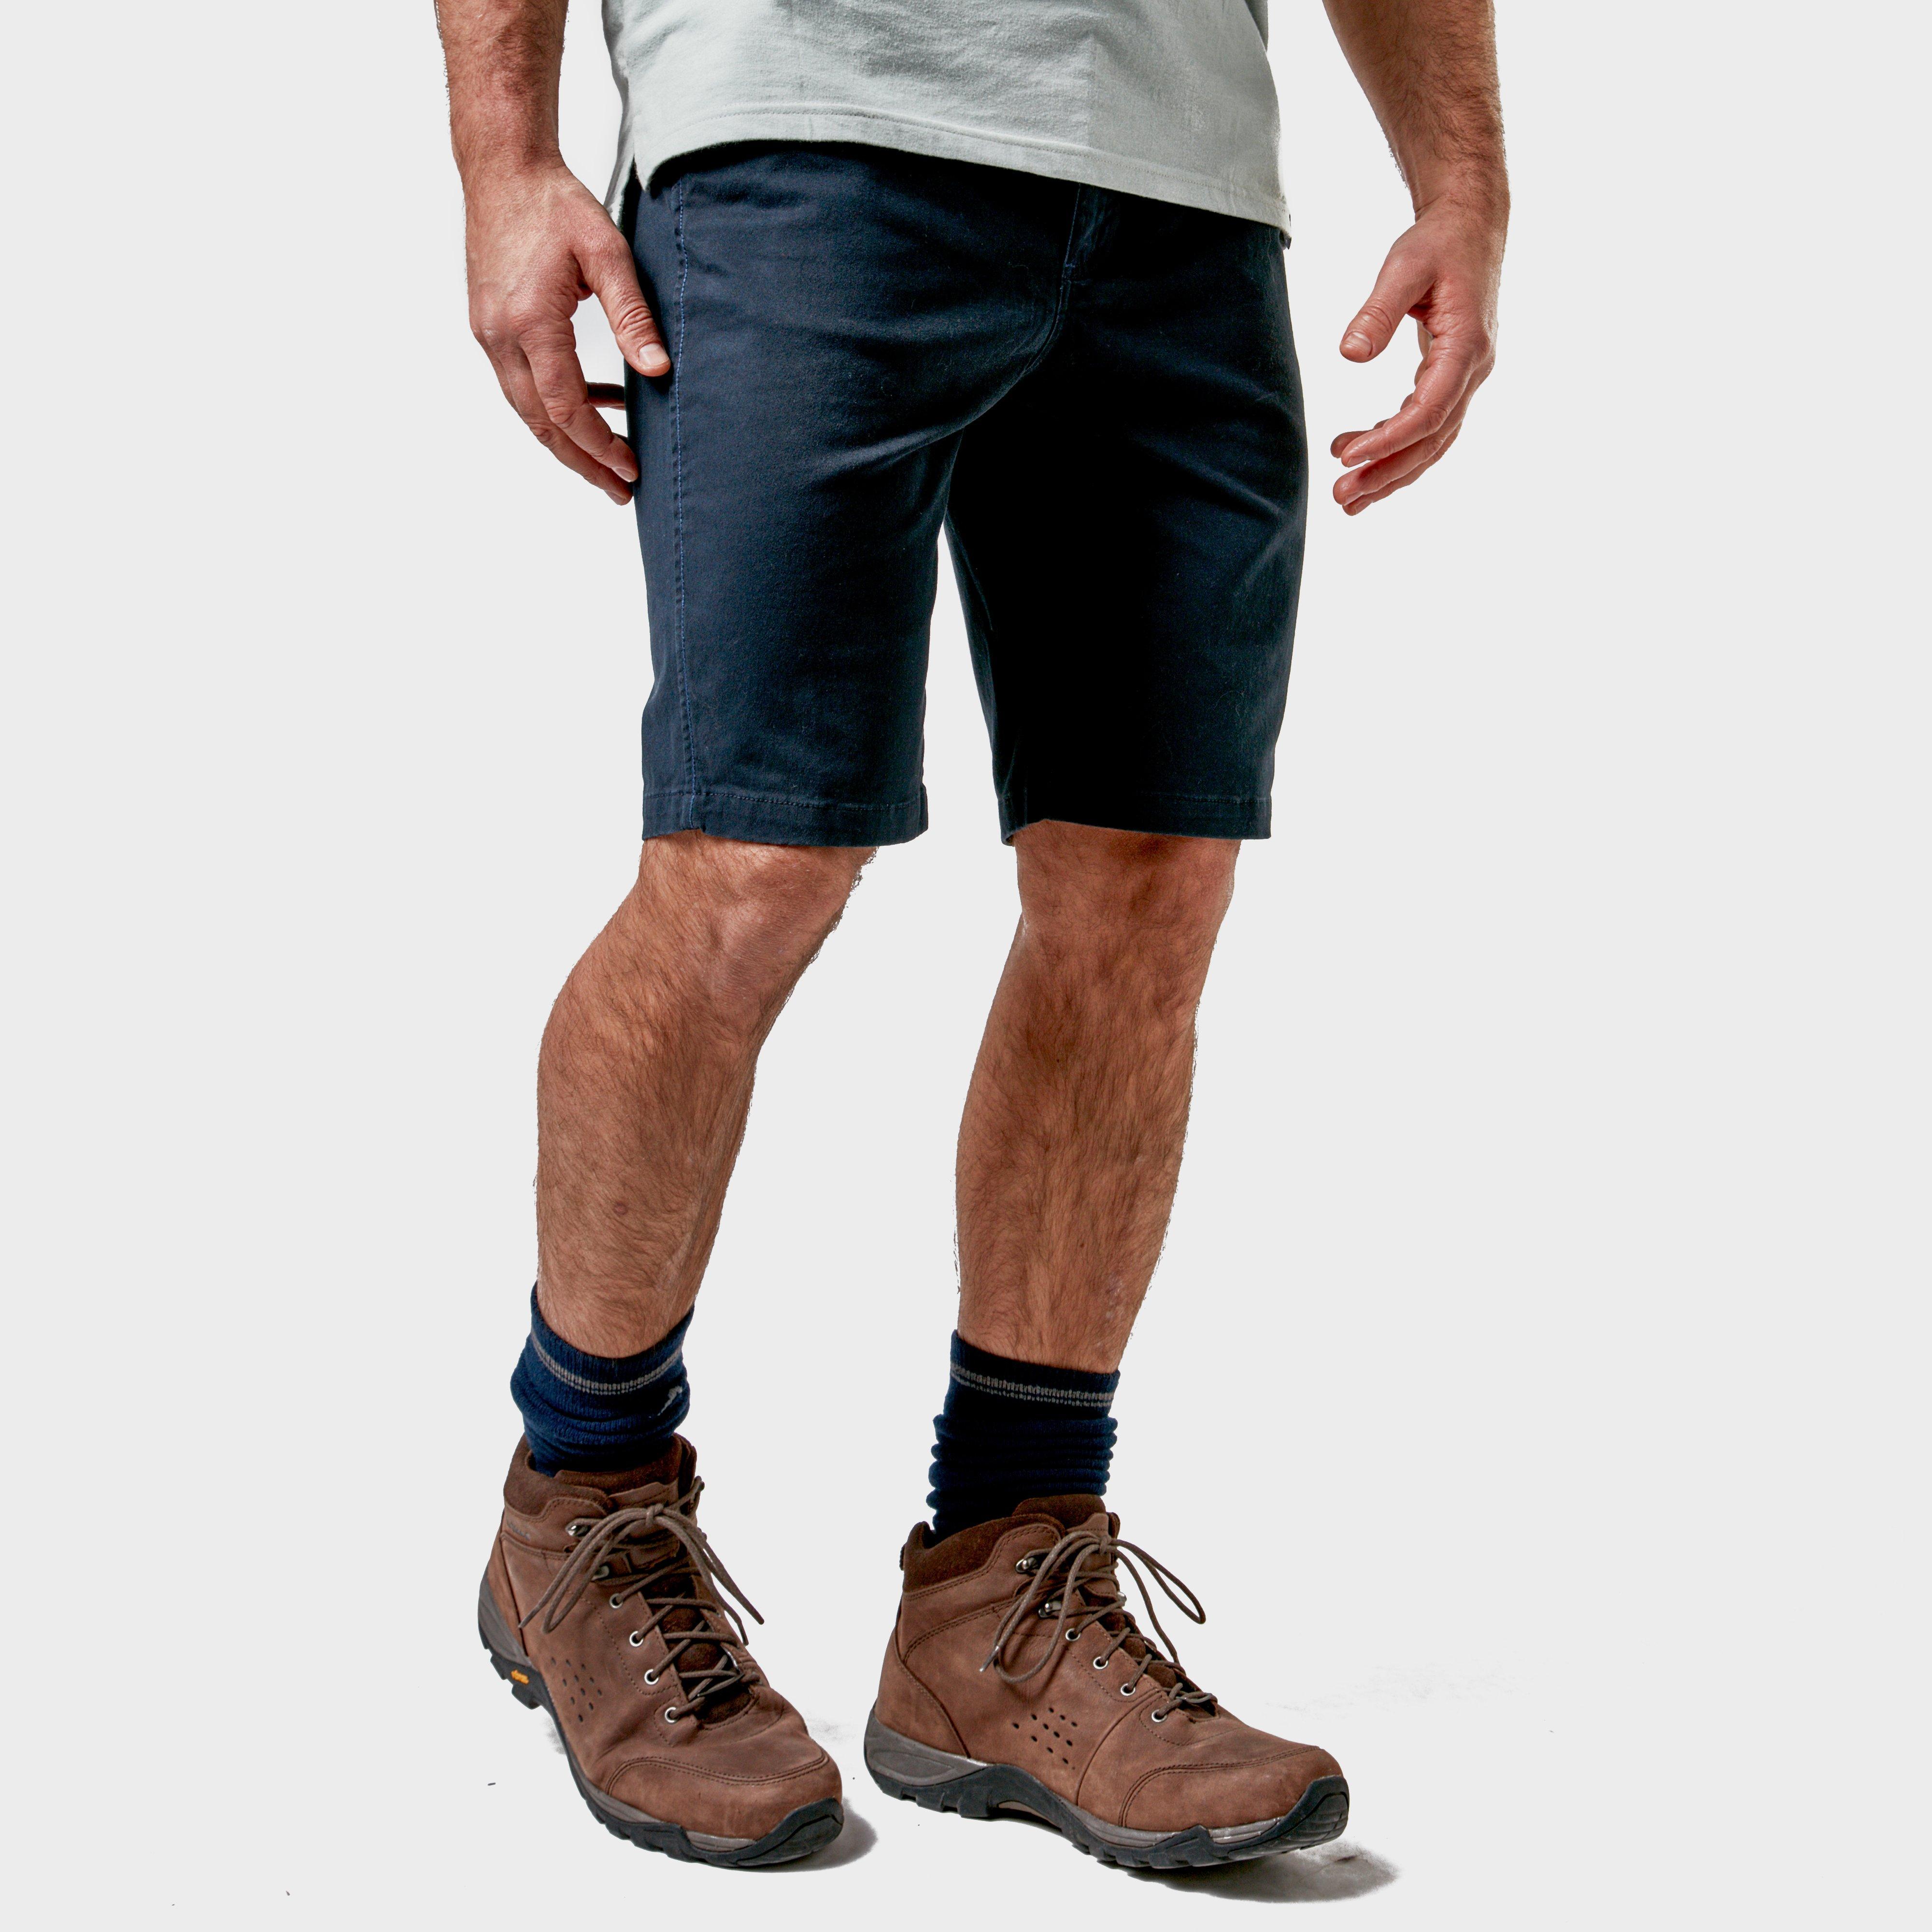 Regatta Men's Salvator Shorts - Navy/Nvy, Navy